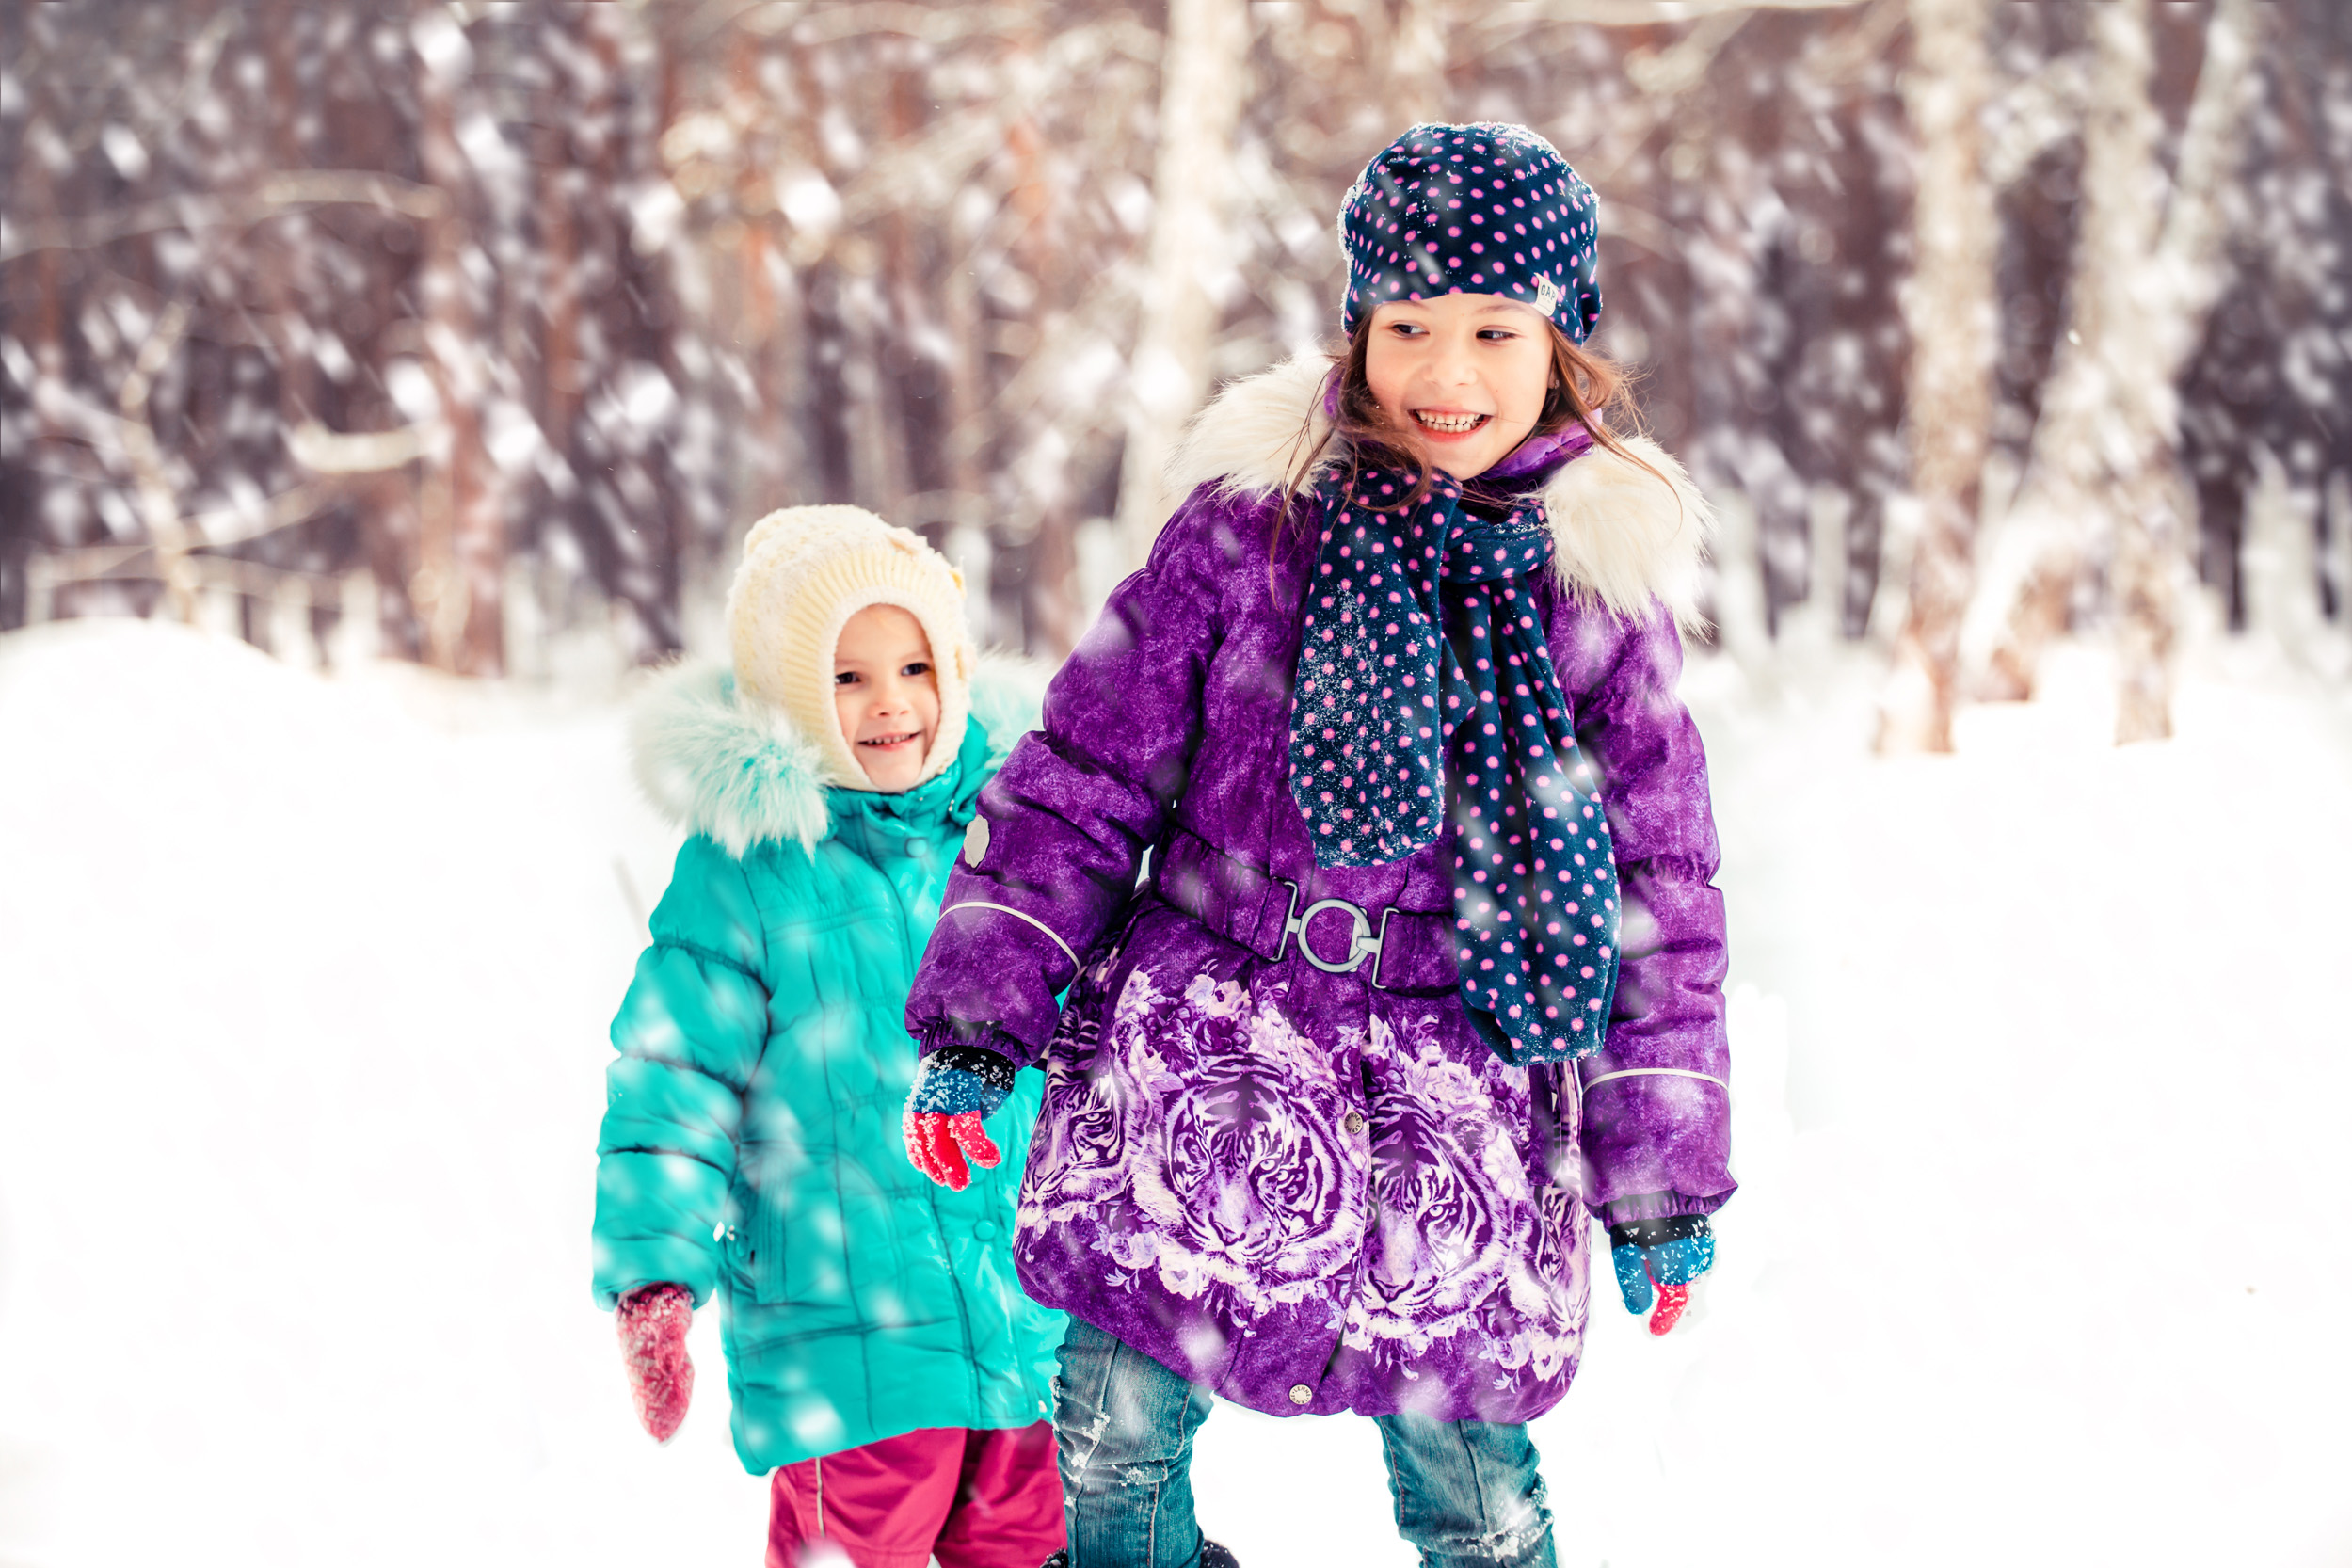 зимняя фотосессия детей в лесу, фото сестренок в зимнем лесу, детский фотограф зимние фото Киев, новогодняя сьемка детей киев, две сестренки зимой в лесу фото